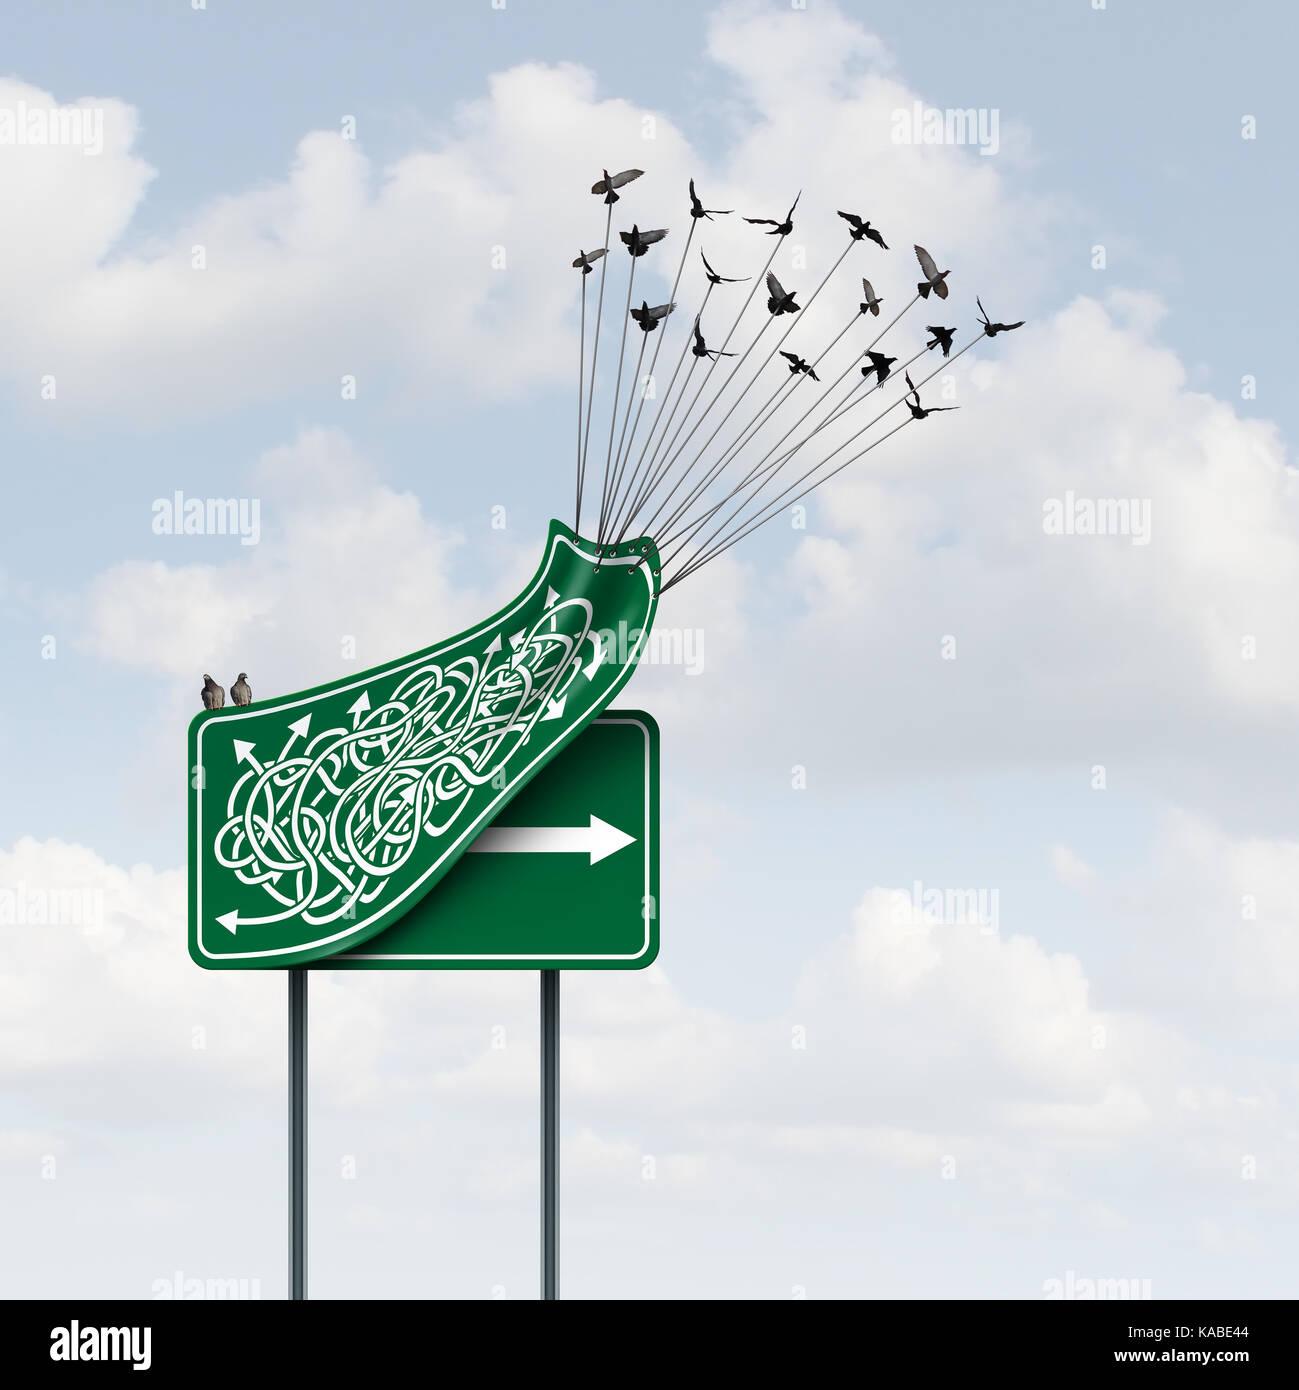 Façon d'affaires concept comme un groupe d'oiseaux soulevant un sens confus révélant un signe Photo Stock